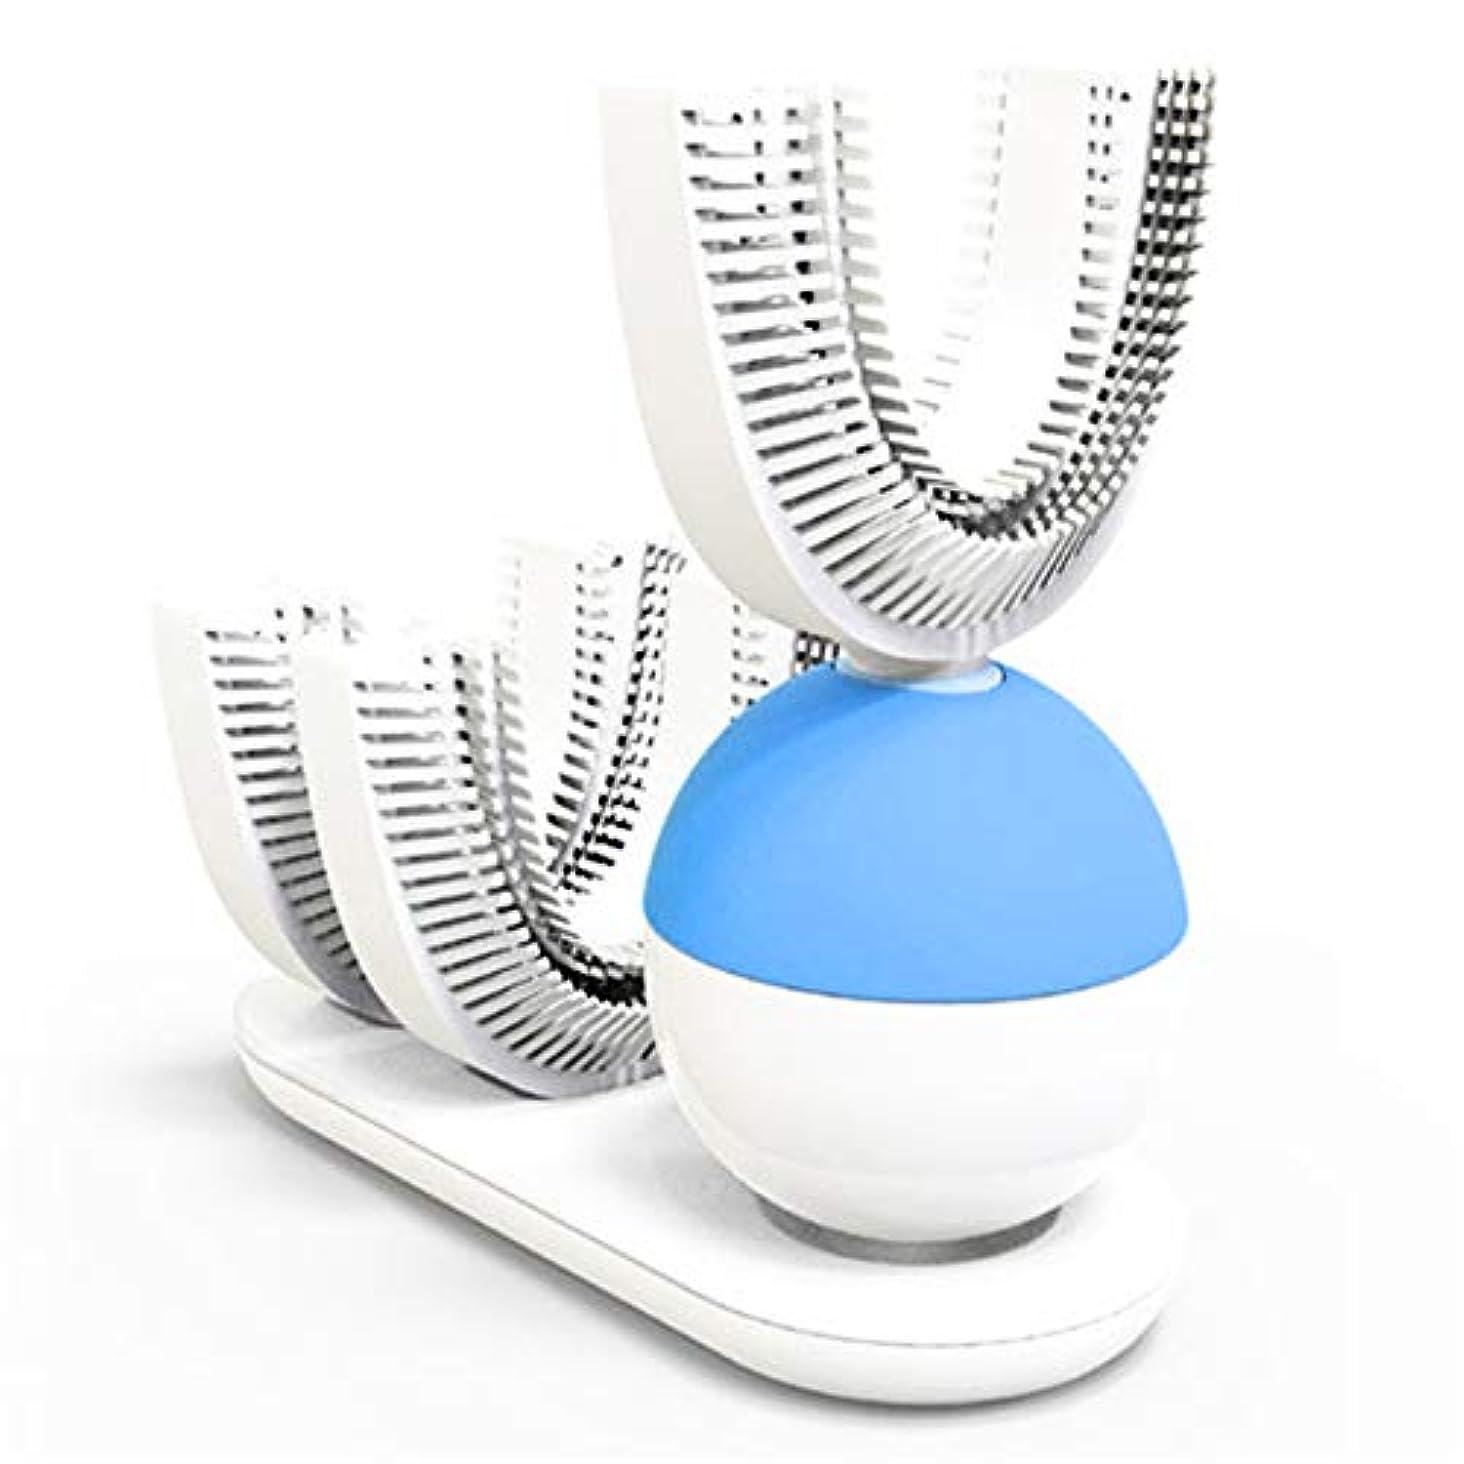 僕の安らぎ製作電動歯ブラシ 自動歯ブラシ U型 360°全方位 超音波 怠け者歯ブラシ ワイヤレス充電 歯ブラシヘッド付き